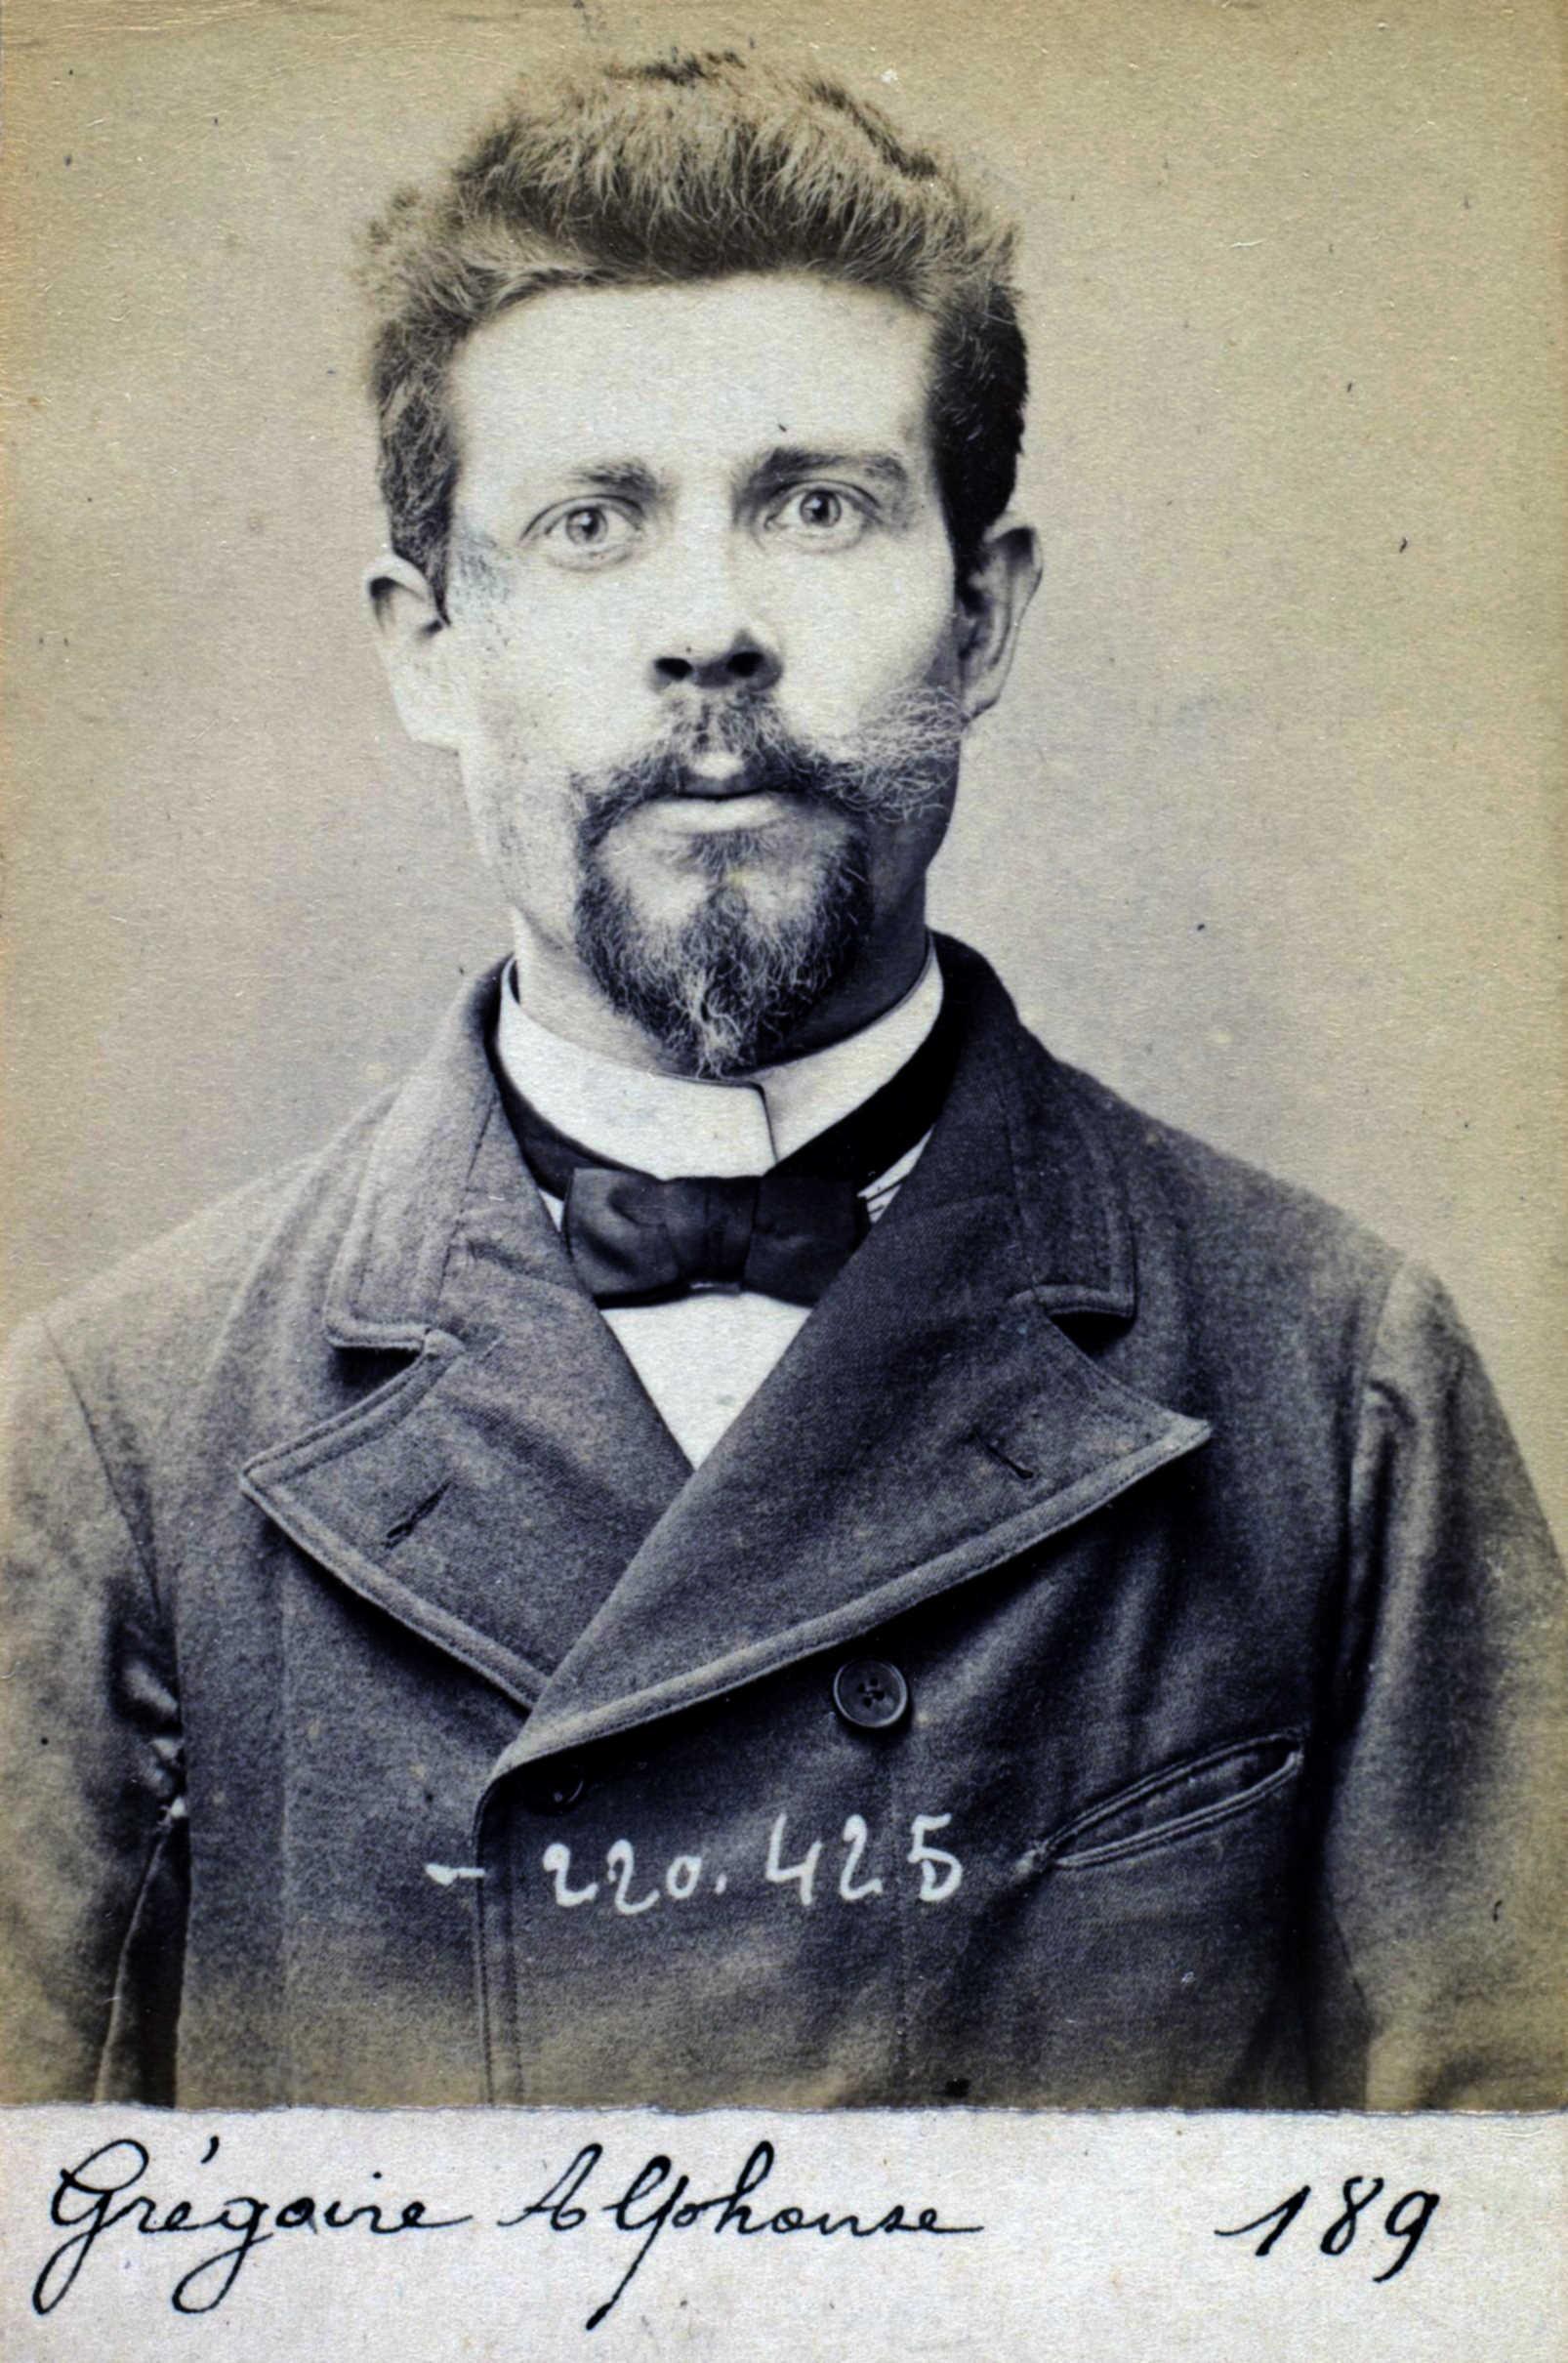 Foto policíaca d'Alphonse Grégoire (2 de juliol de 1894)